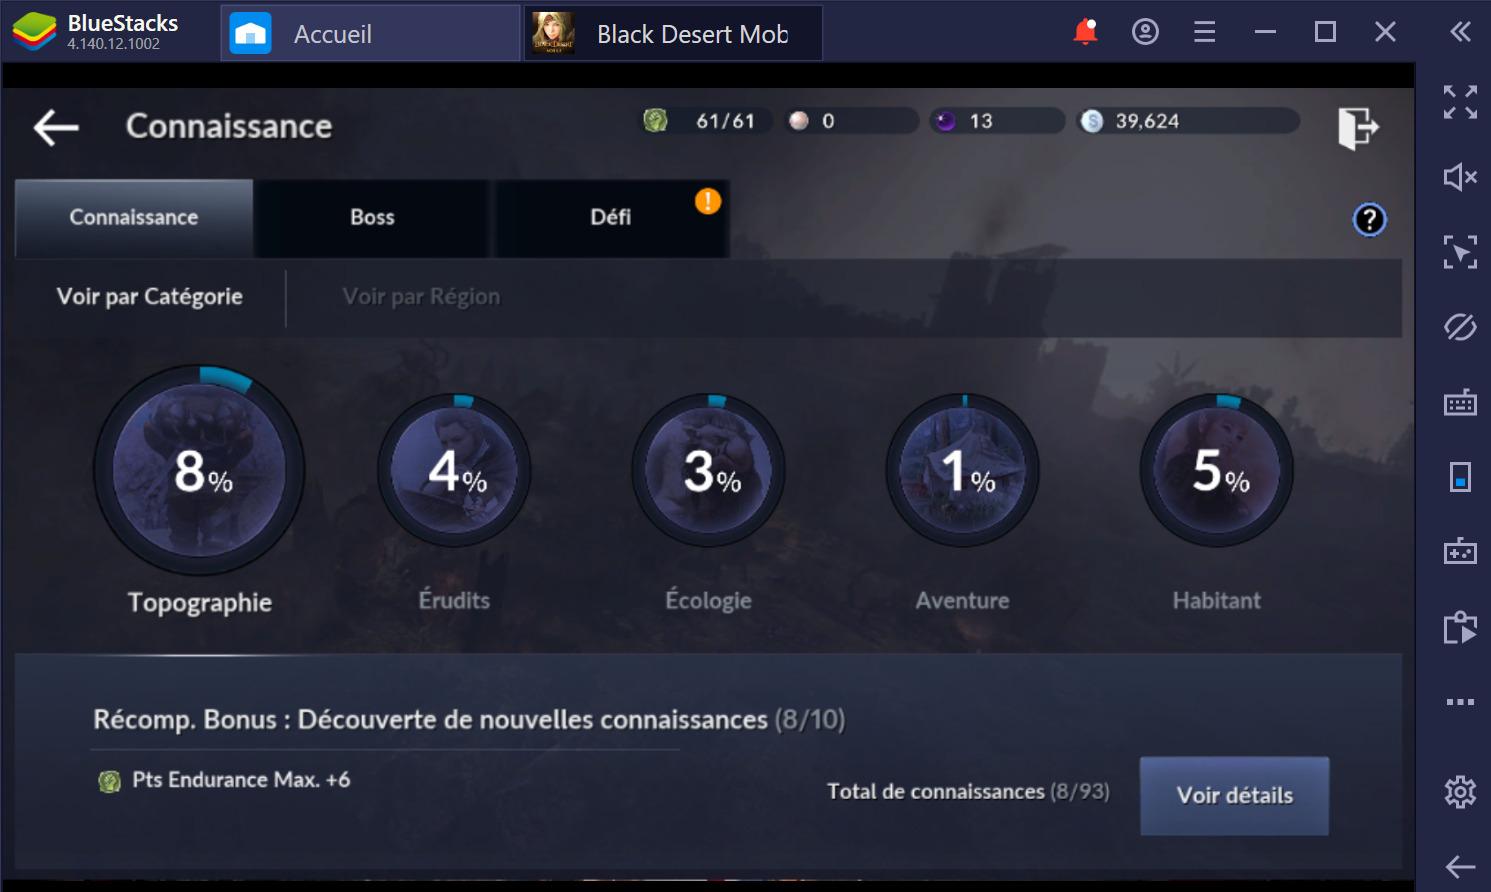 Black Desert Mobile sur PC : Les meilleurs trucs et astuces pour débutants